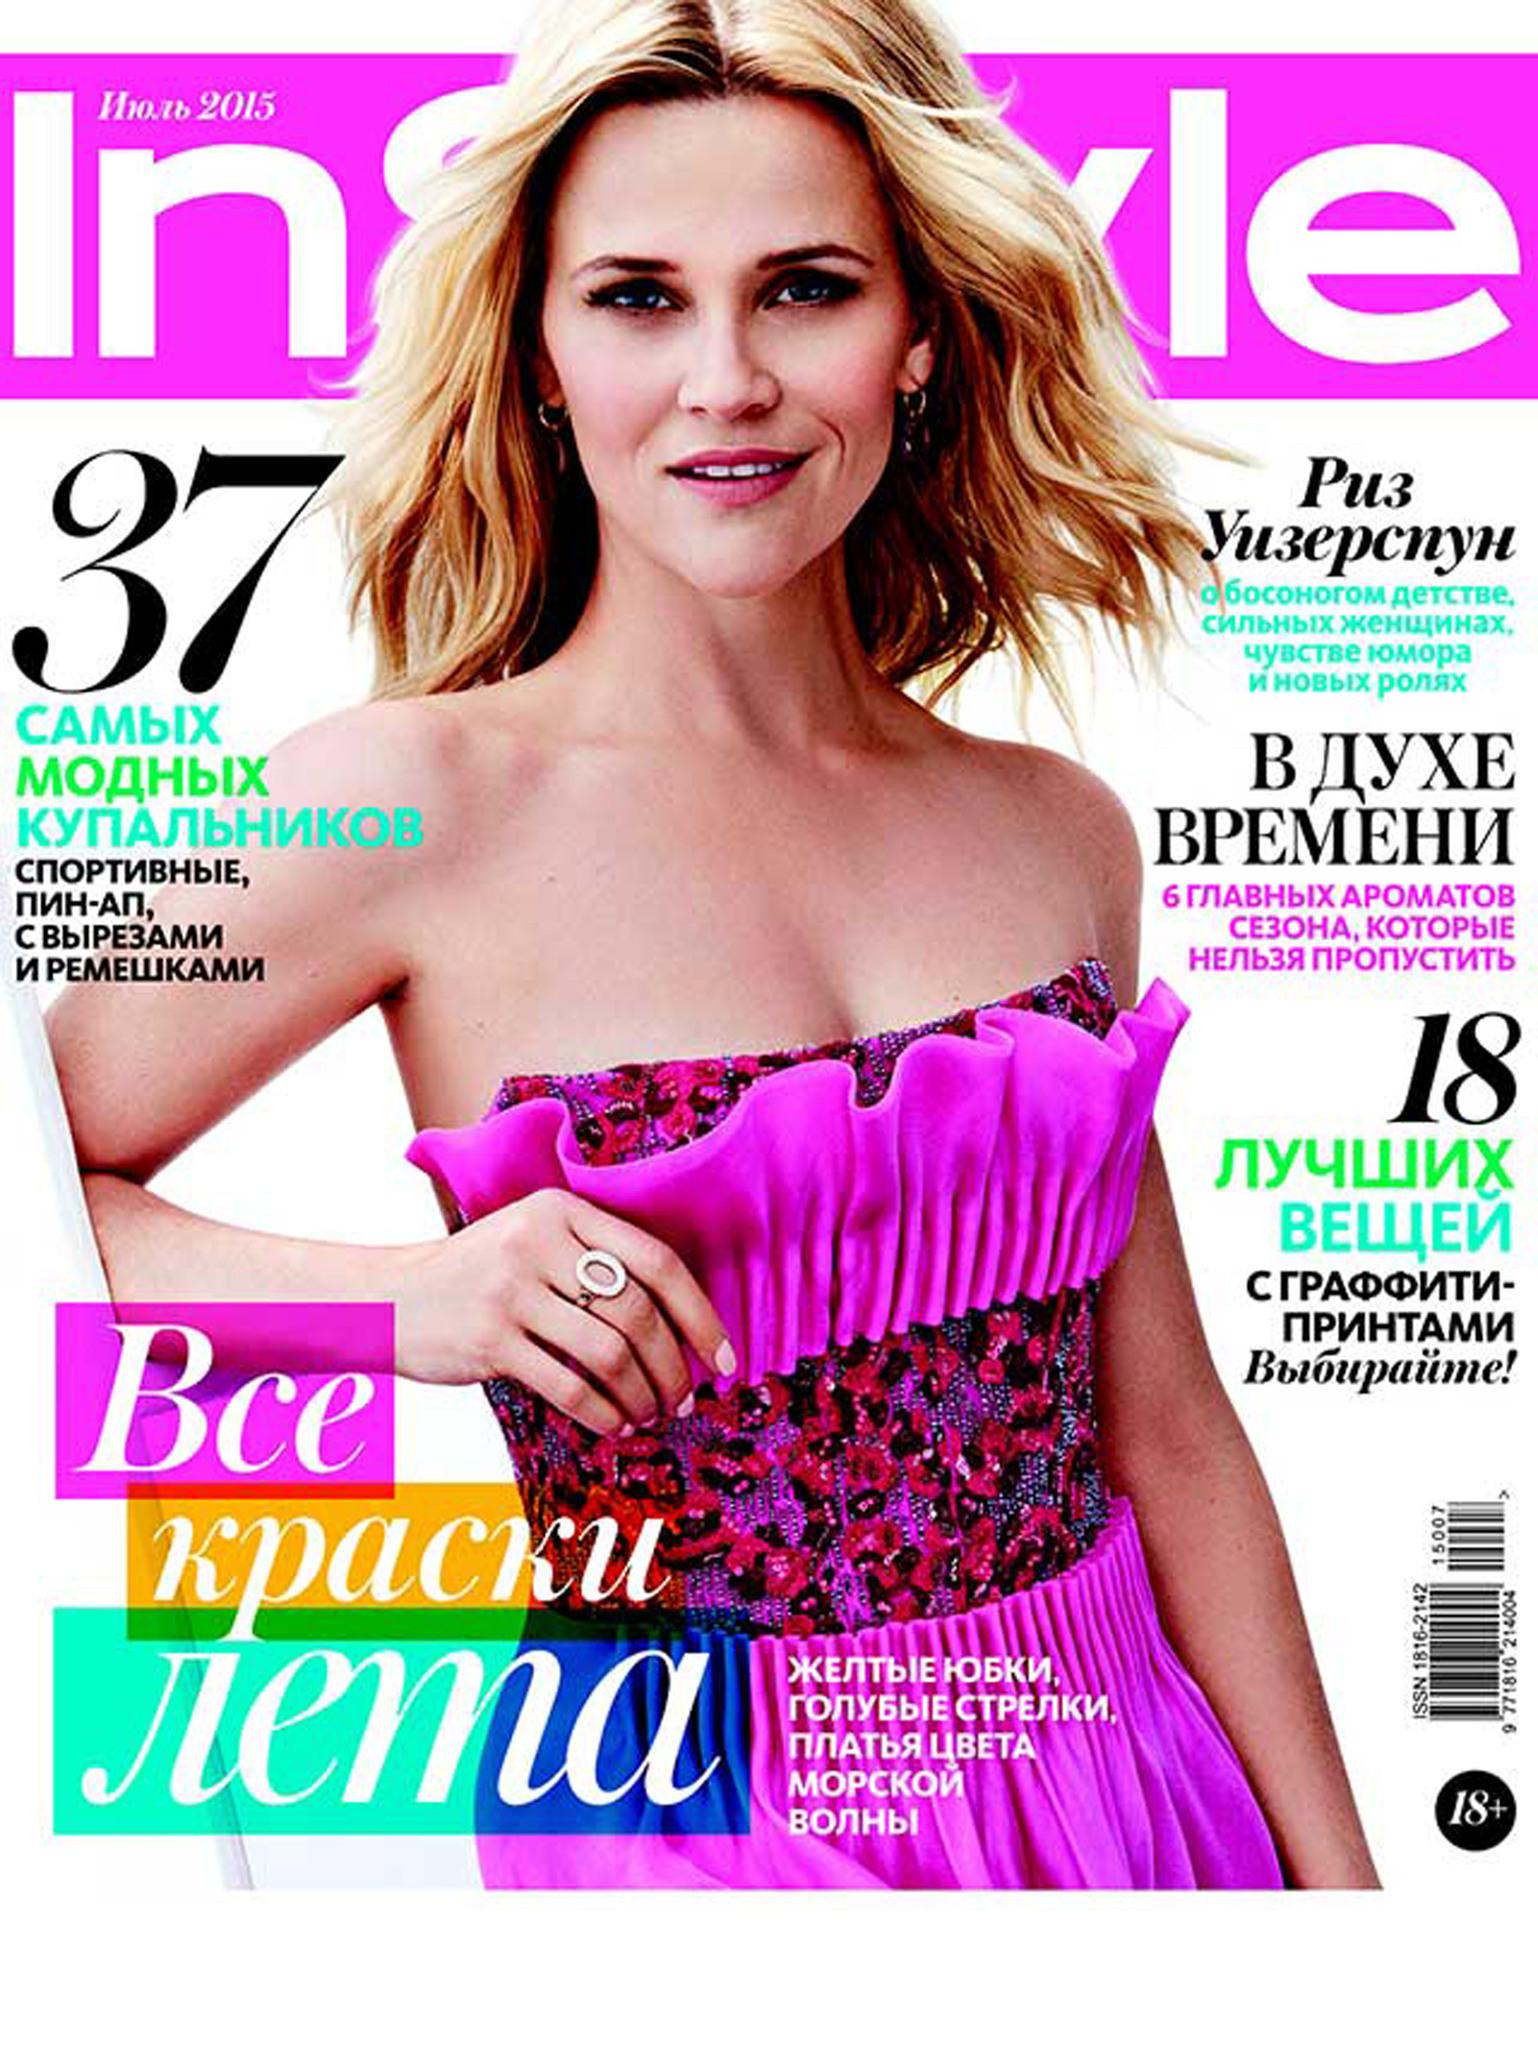 Колье от Chic Alors Paris в журнале InStyle июль 2015 г.